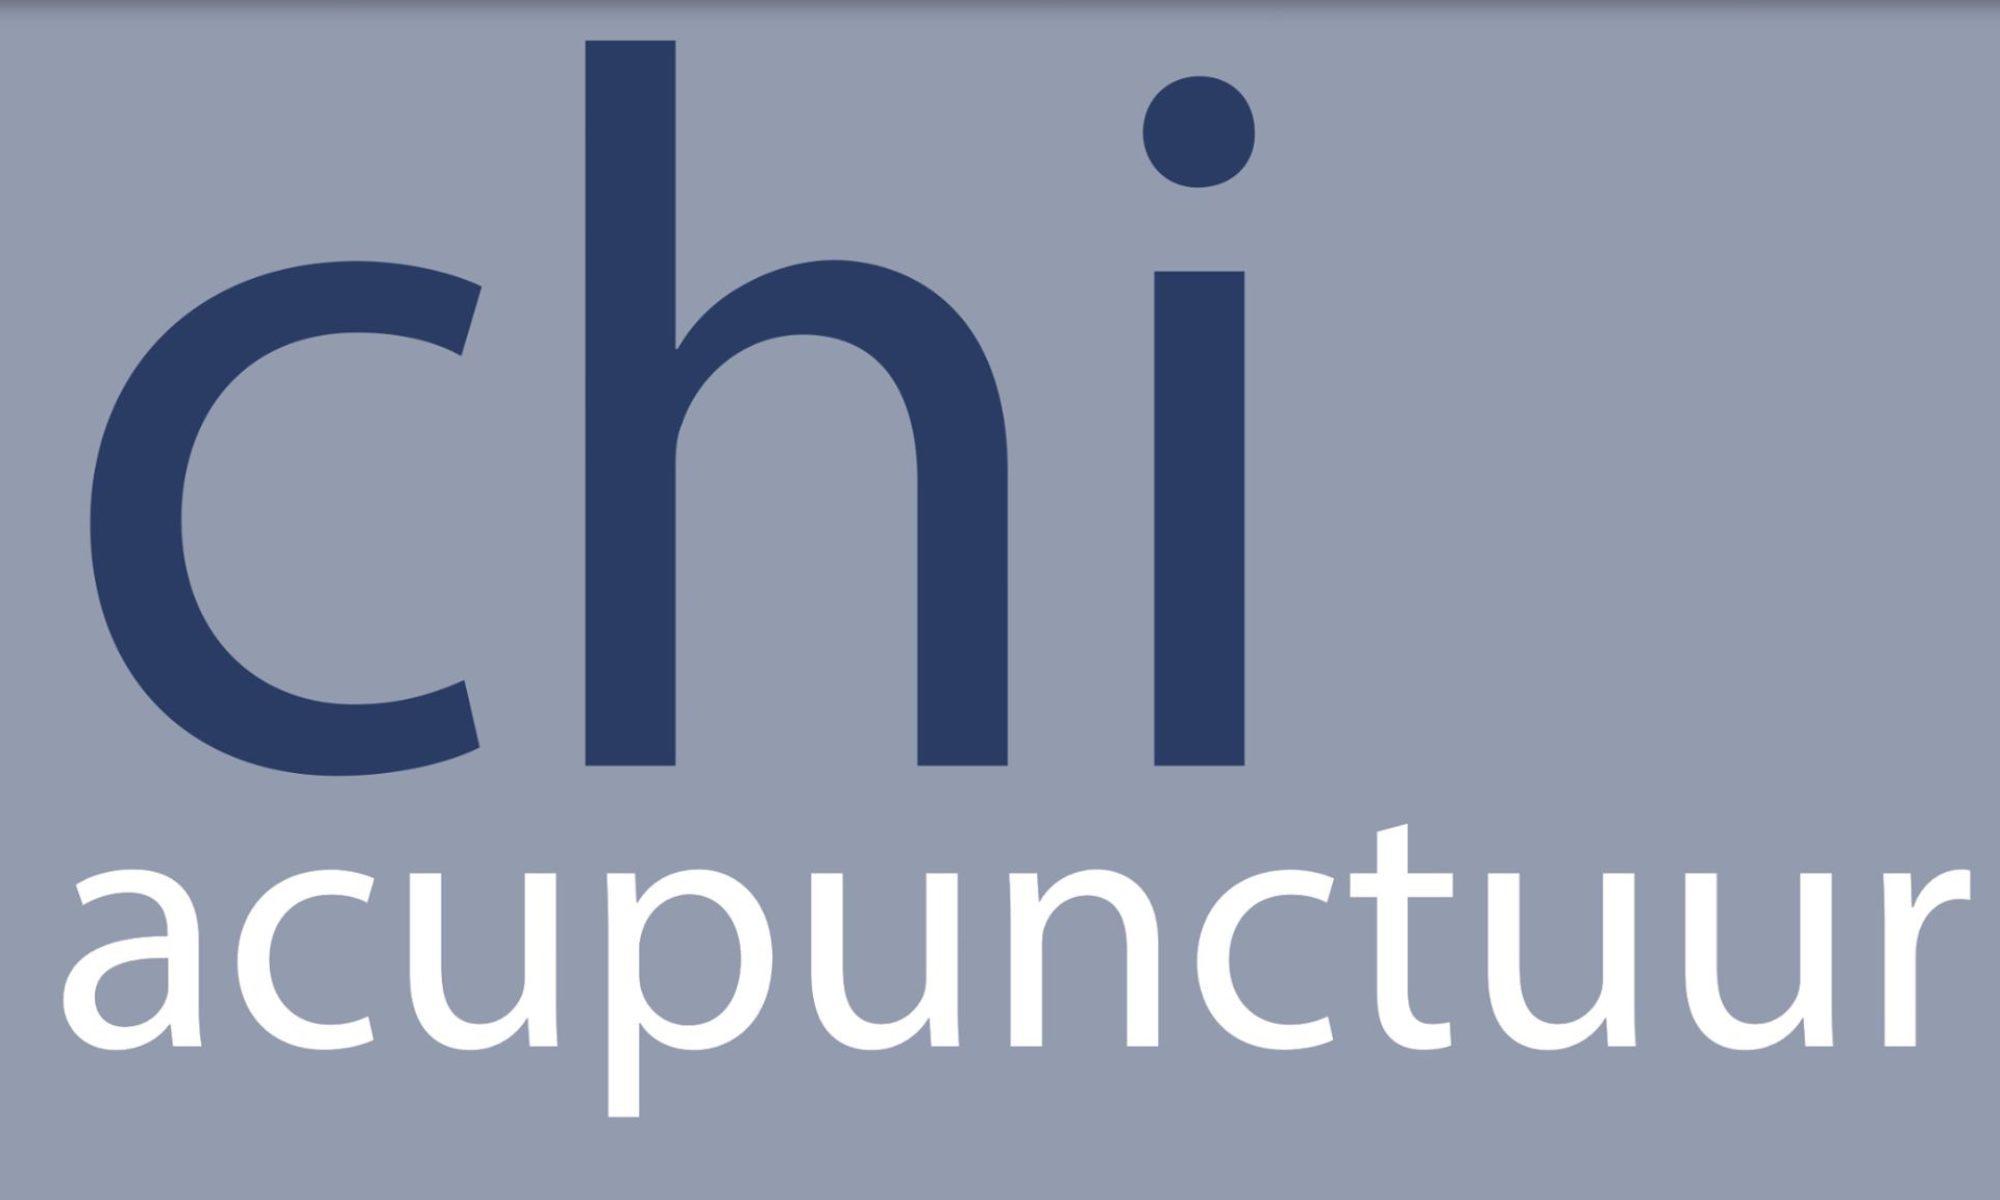 Chi-Acupunctuur